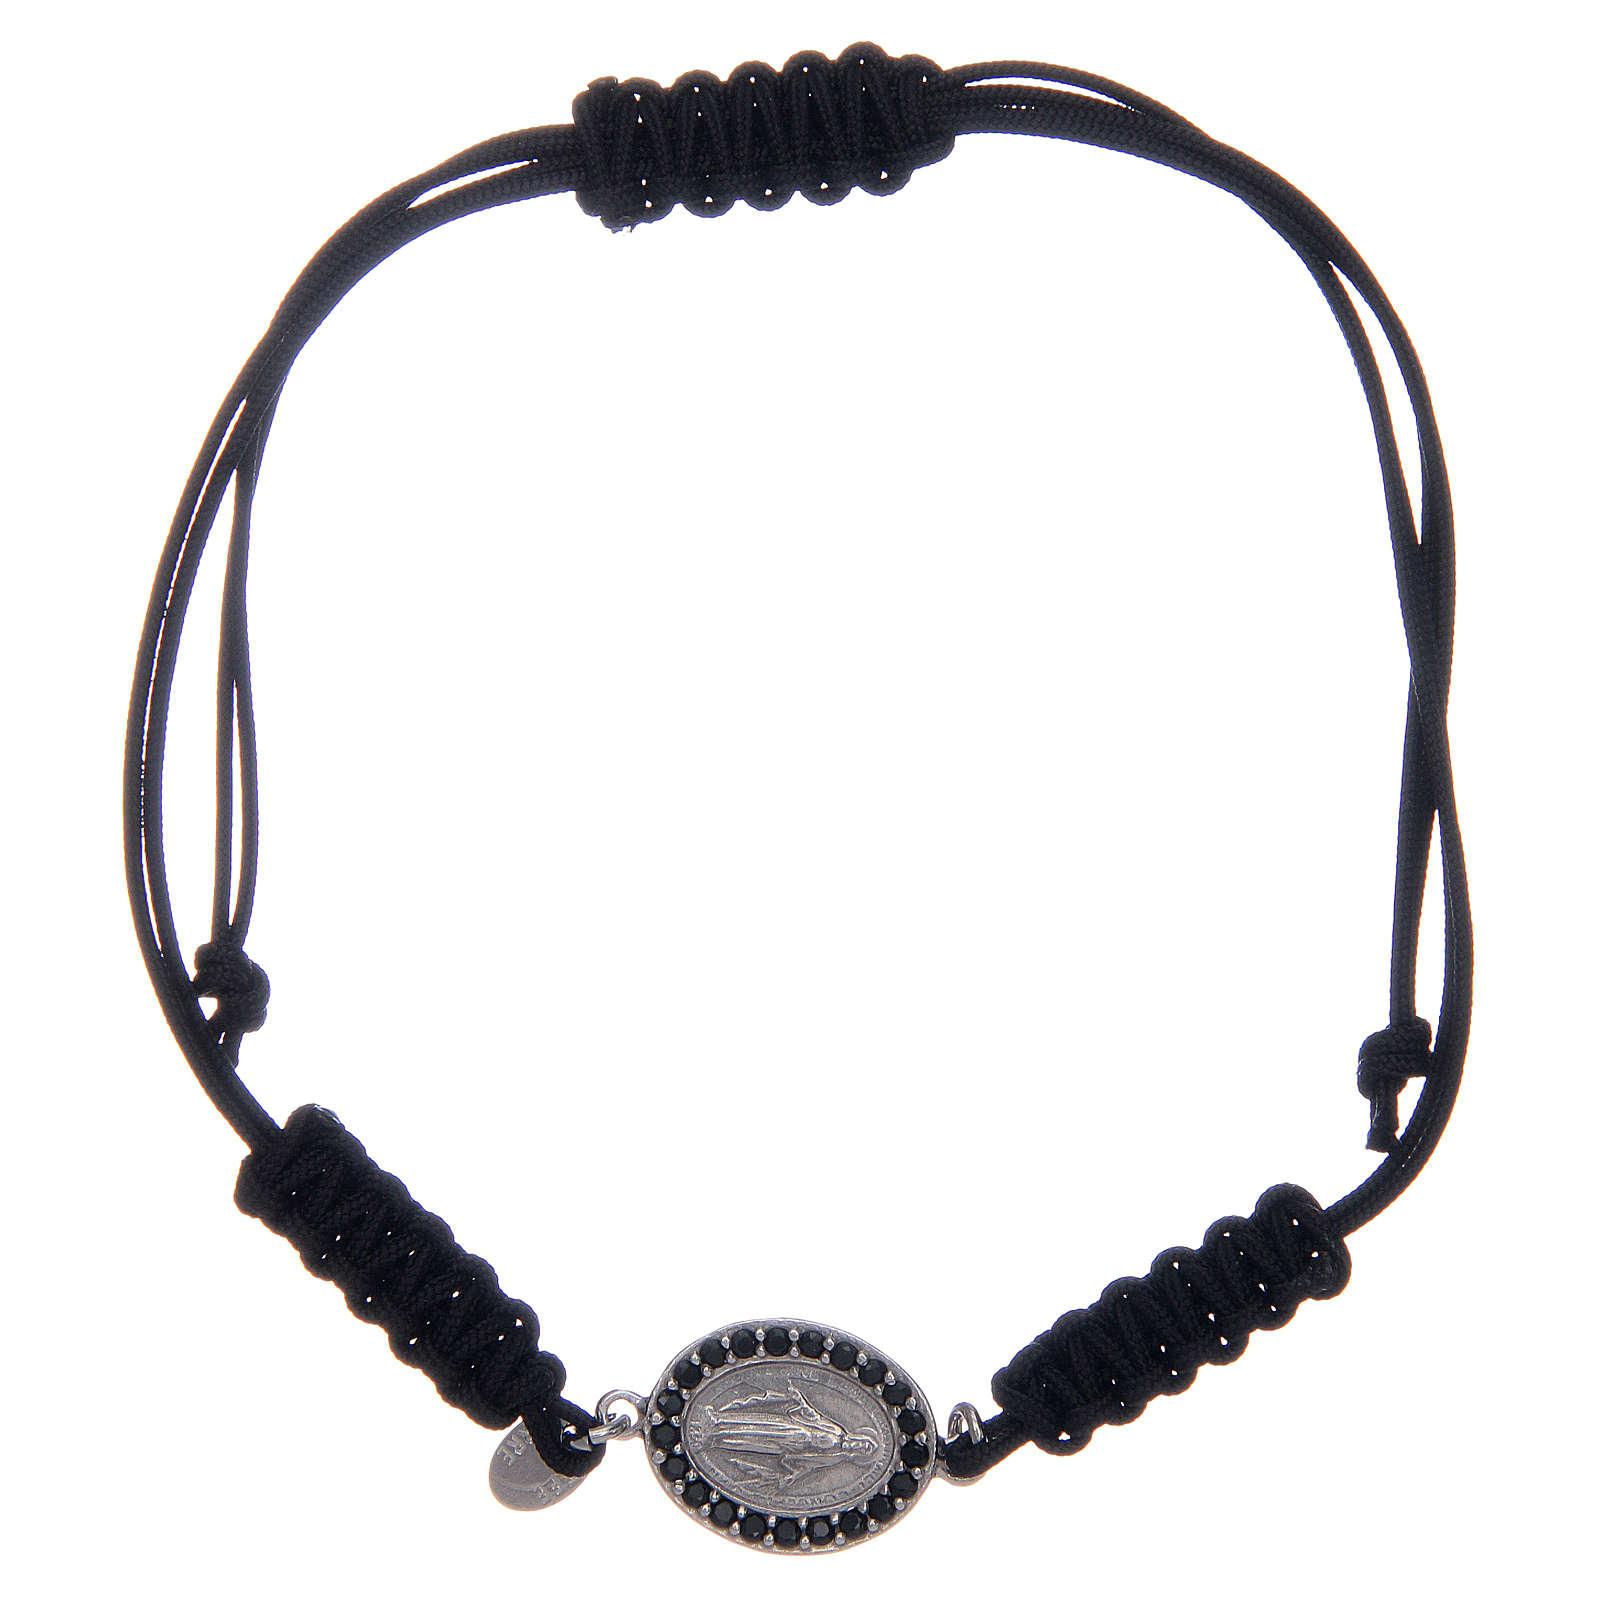 Bracciale cordino argento 925 Miracolosa argentata zirconi neri 4